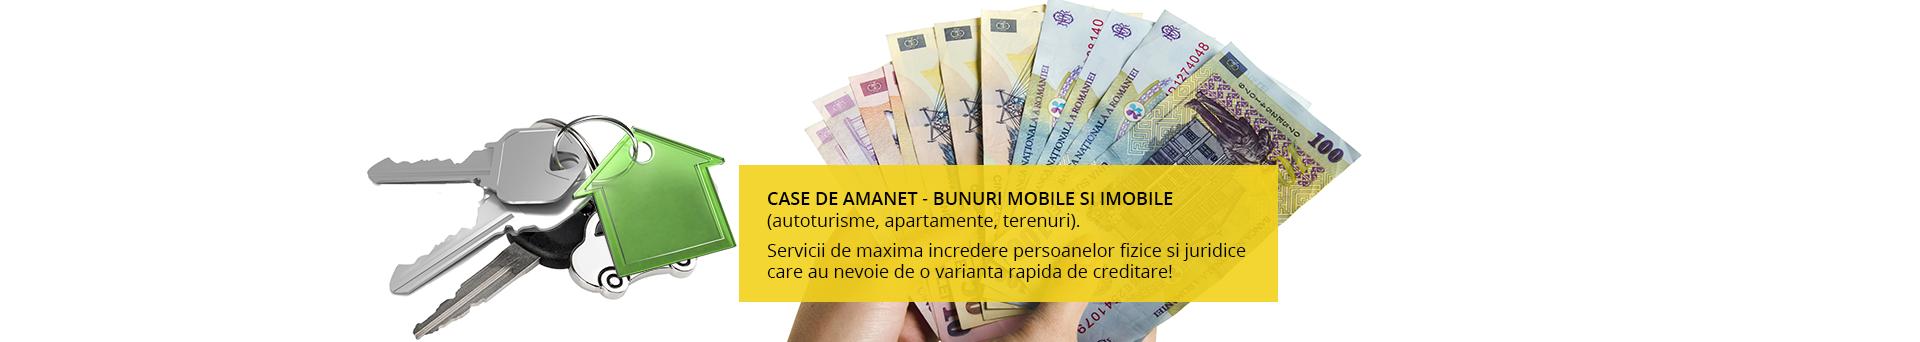 Casa Amanet Romania